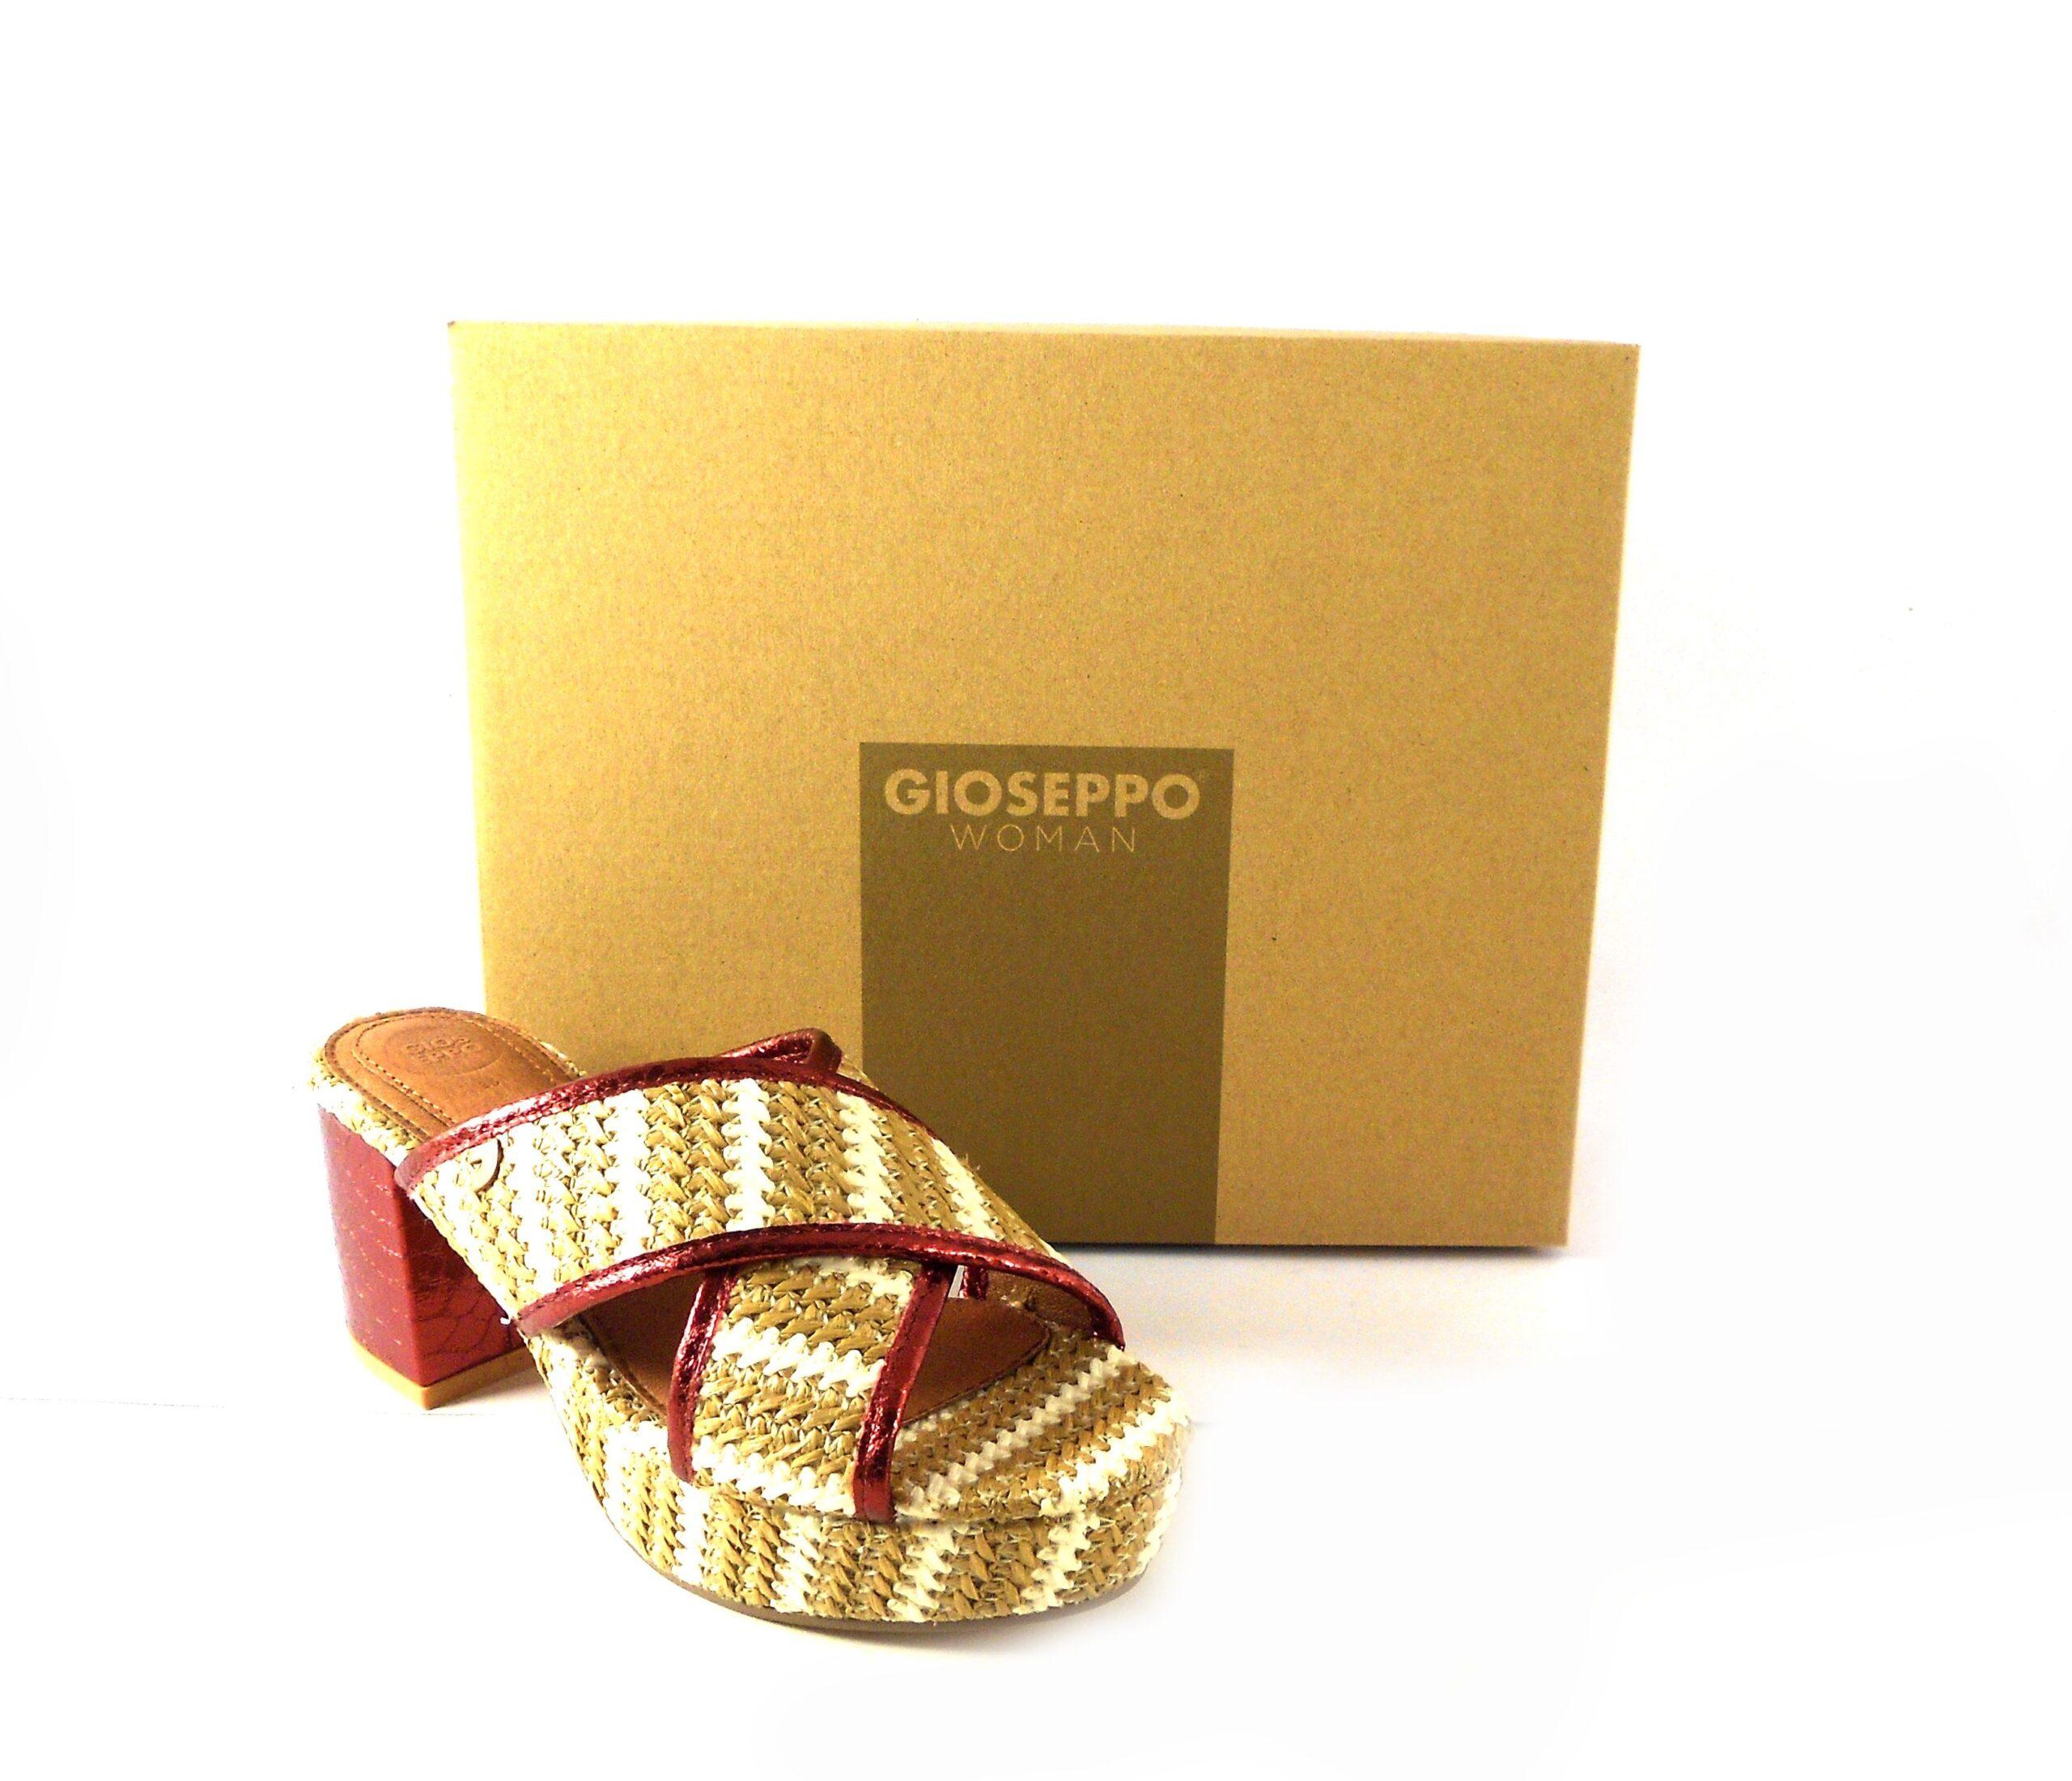 Sandalias de tiras cruzadas Gioseppo en beige y blanco con tacón para mujer 44371